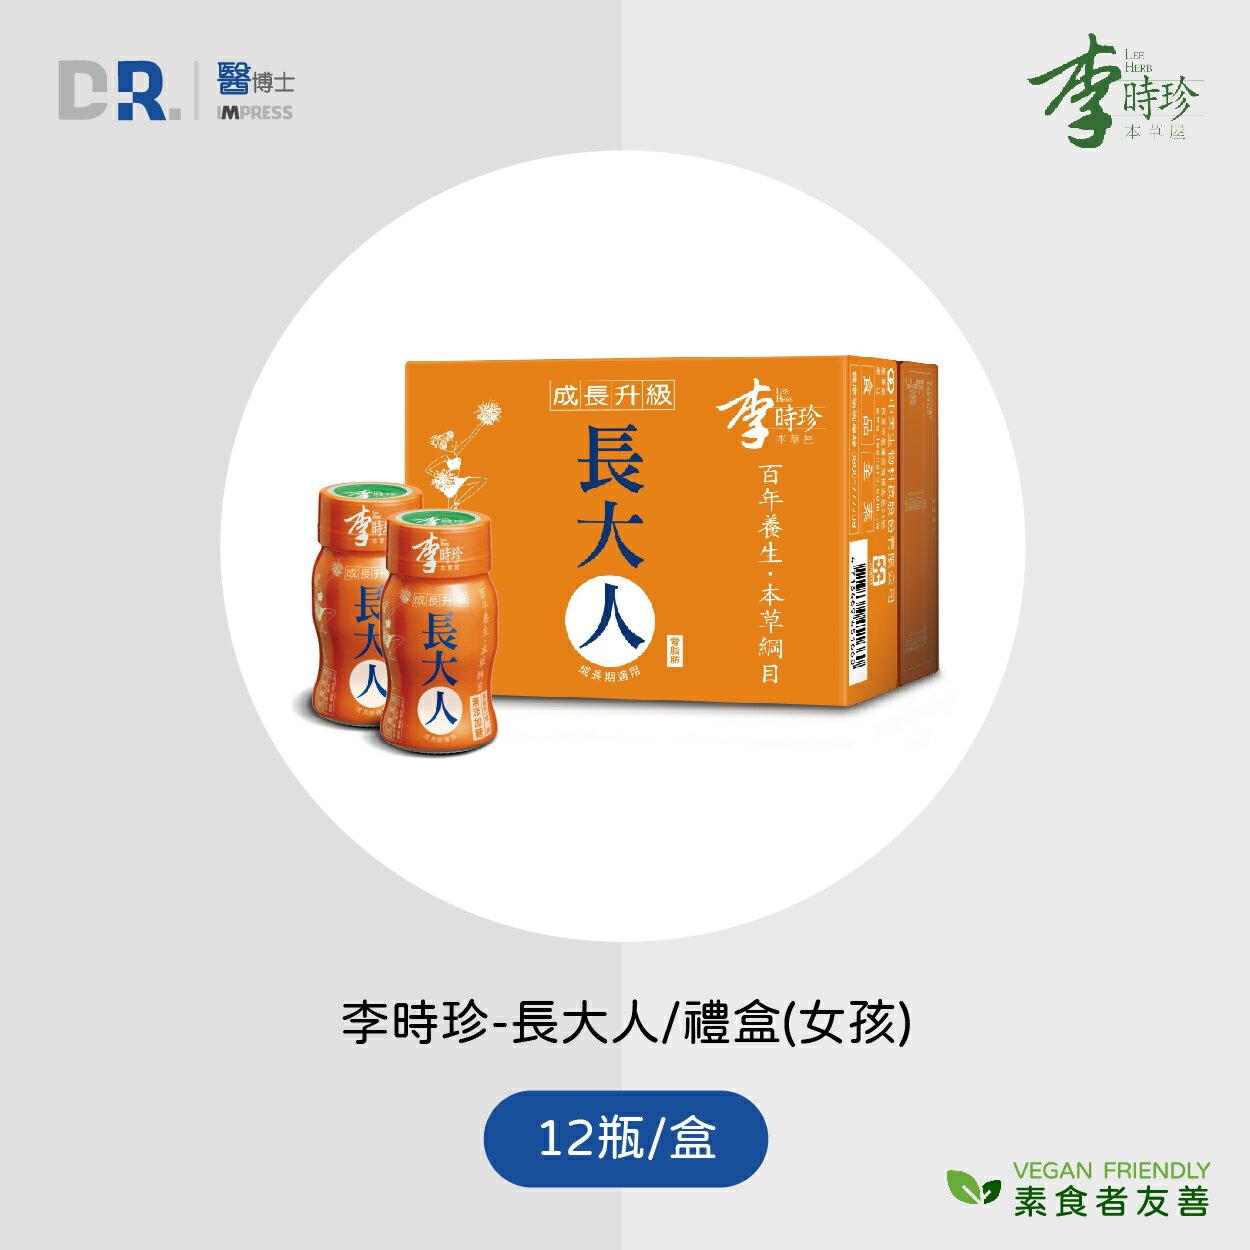 【醫博士】(免運)李時珍-本草屋長大人(女孩版)50mlx12瓶/盒